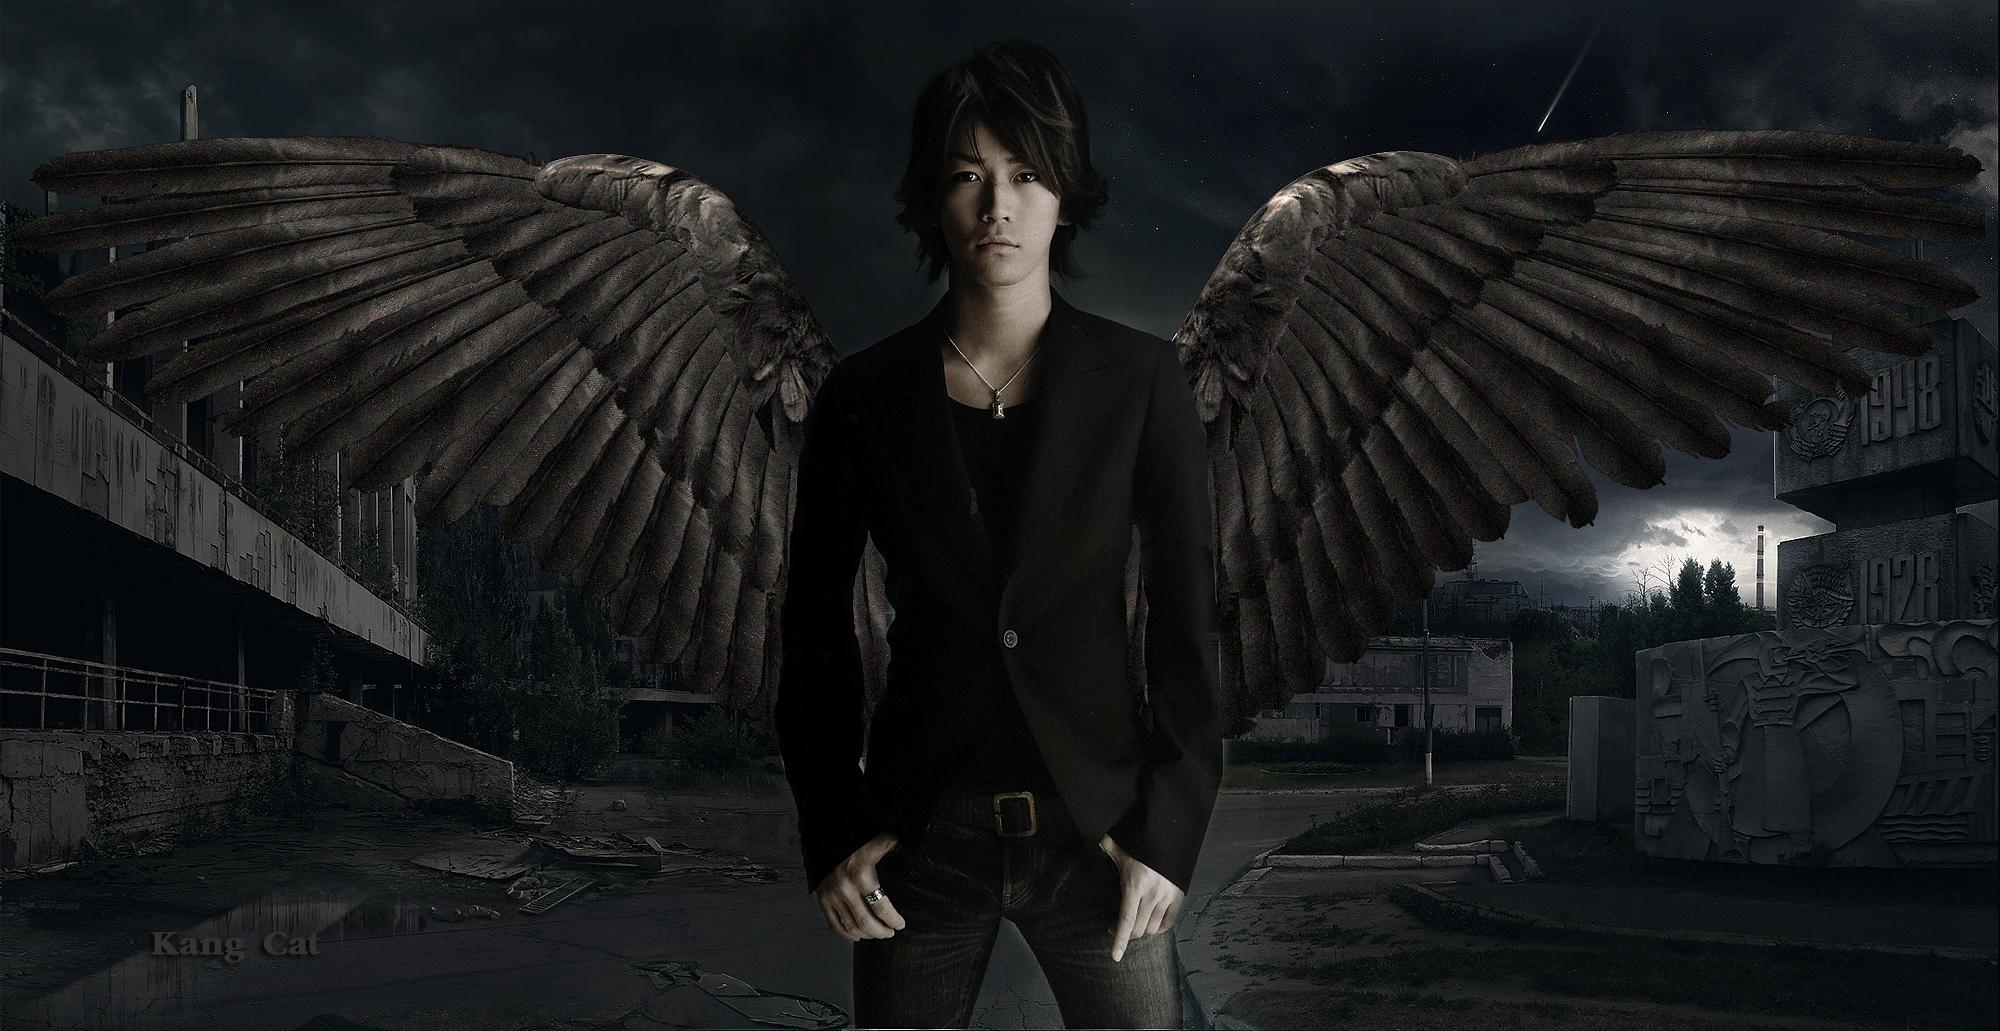 Miyavi Kyomu Aka Kamenashi Kazyua Kamenashi_kazuya__dark_angel_by_kang_cat-d6xffn6